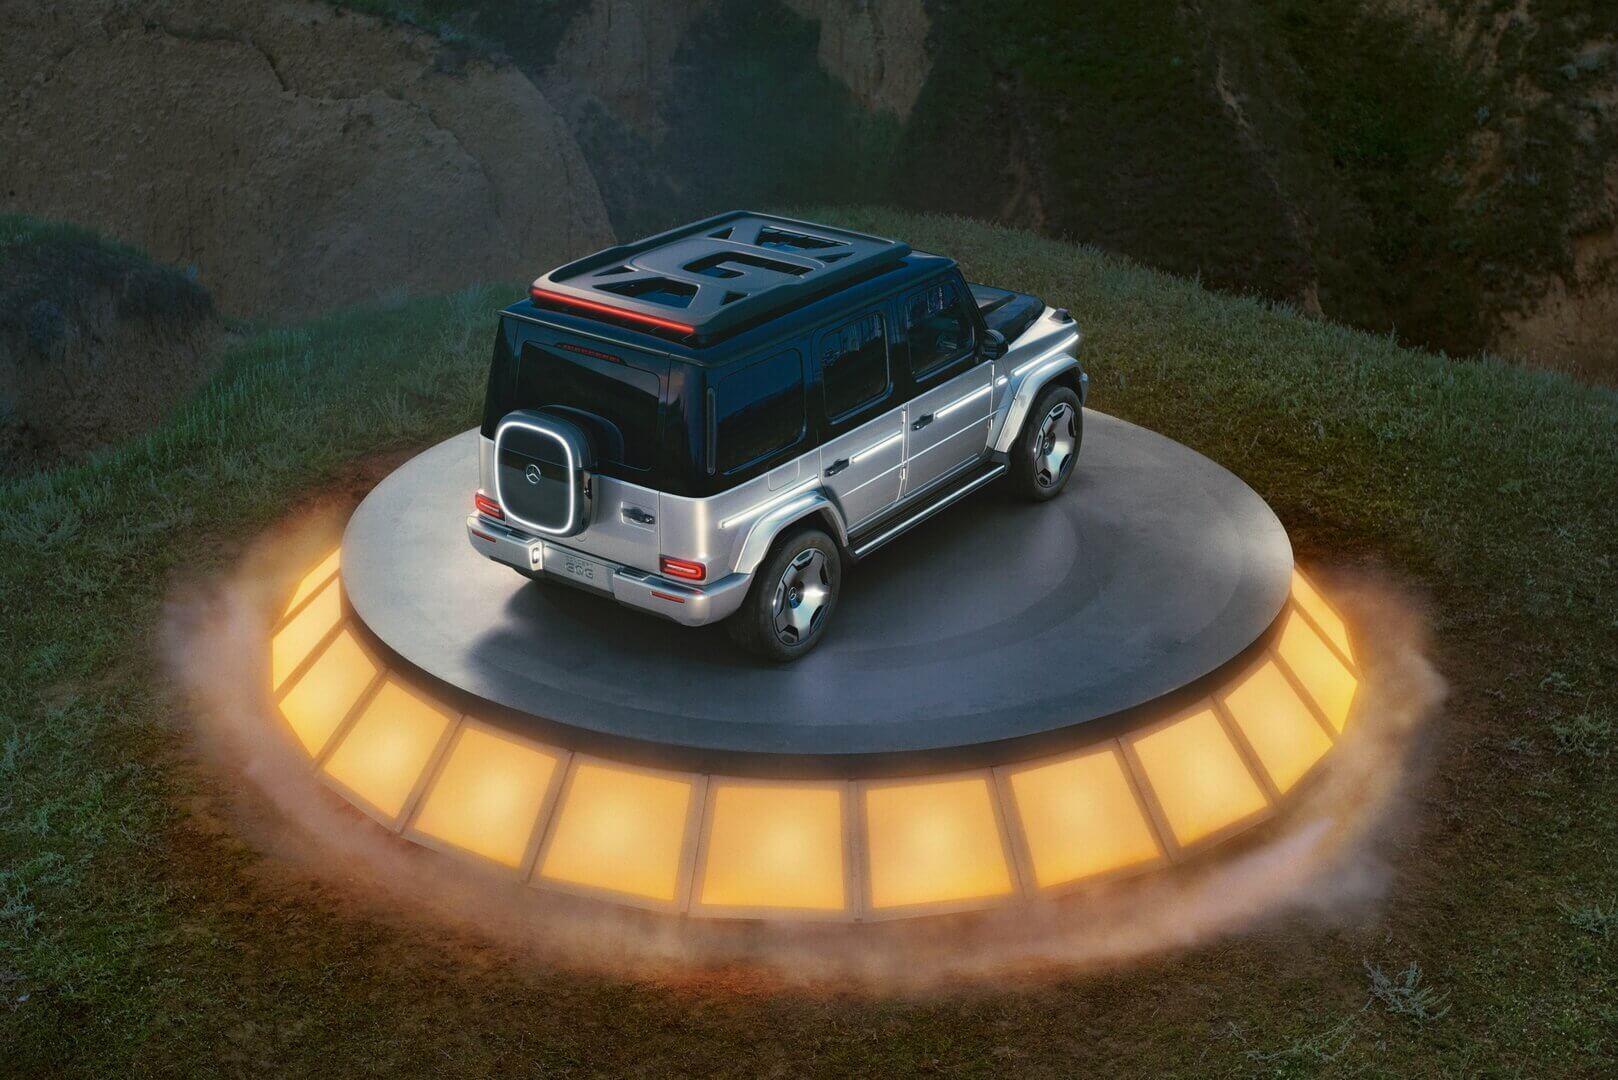 Центральным элементом плоского багажника на крыше является центрально расположенная буква «G»